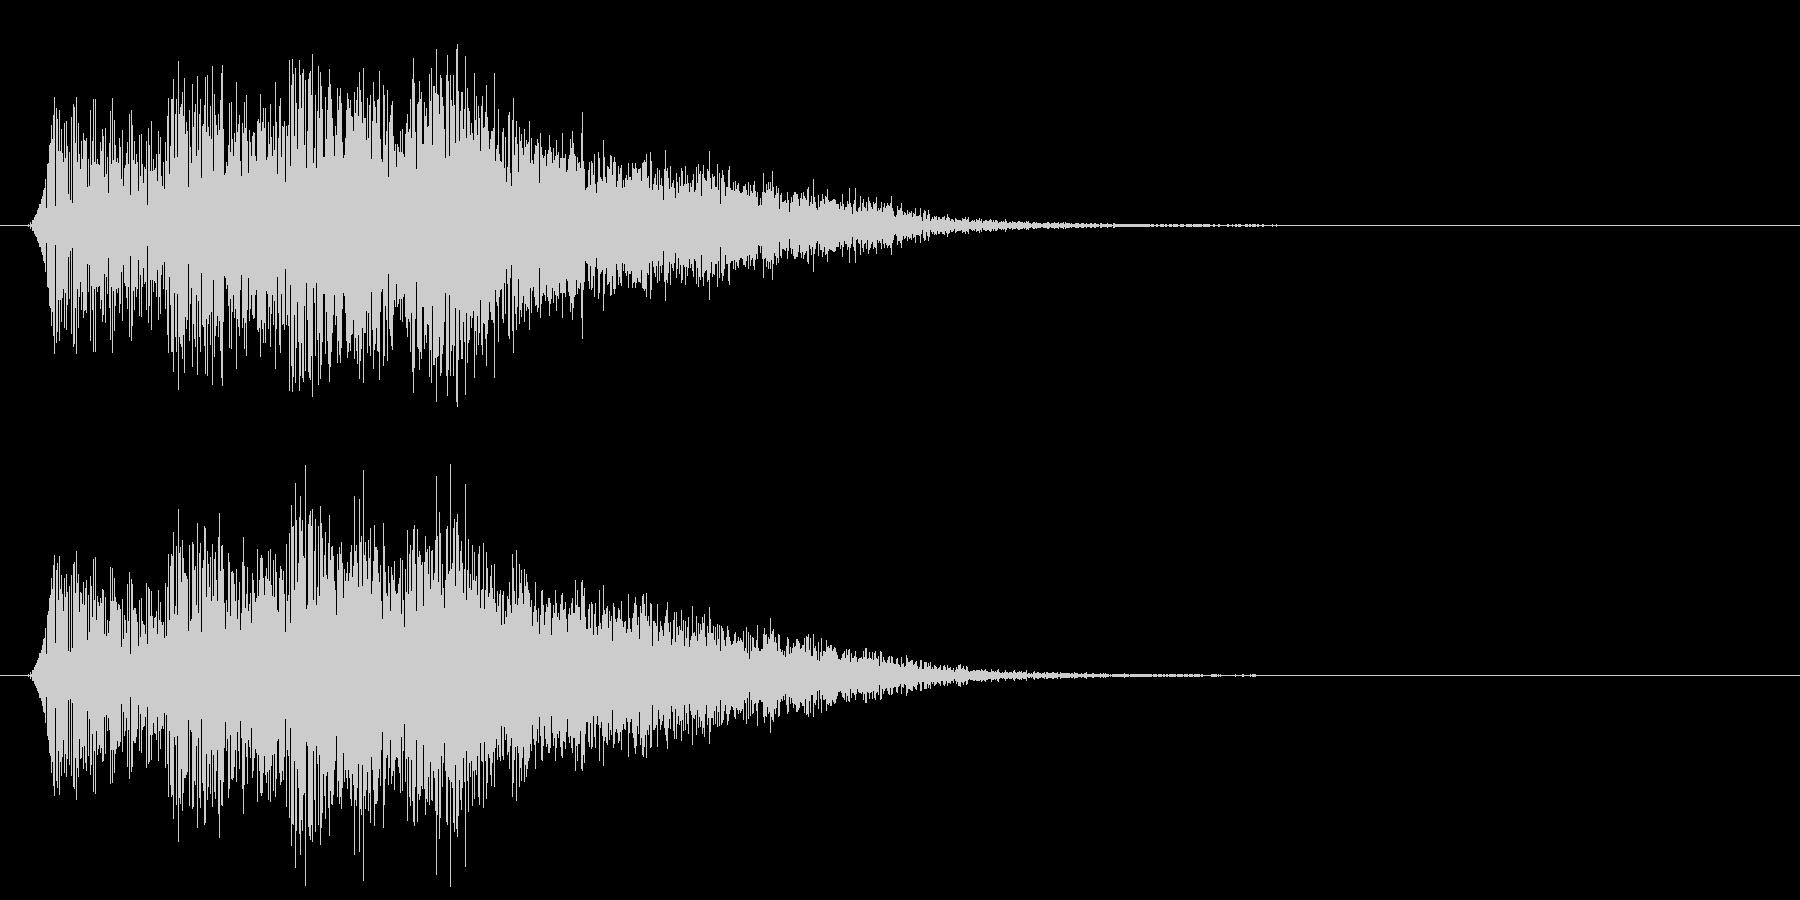 ゴージャスな決定音 セレクト スタート音の未再生の波形